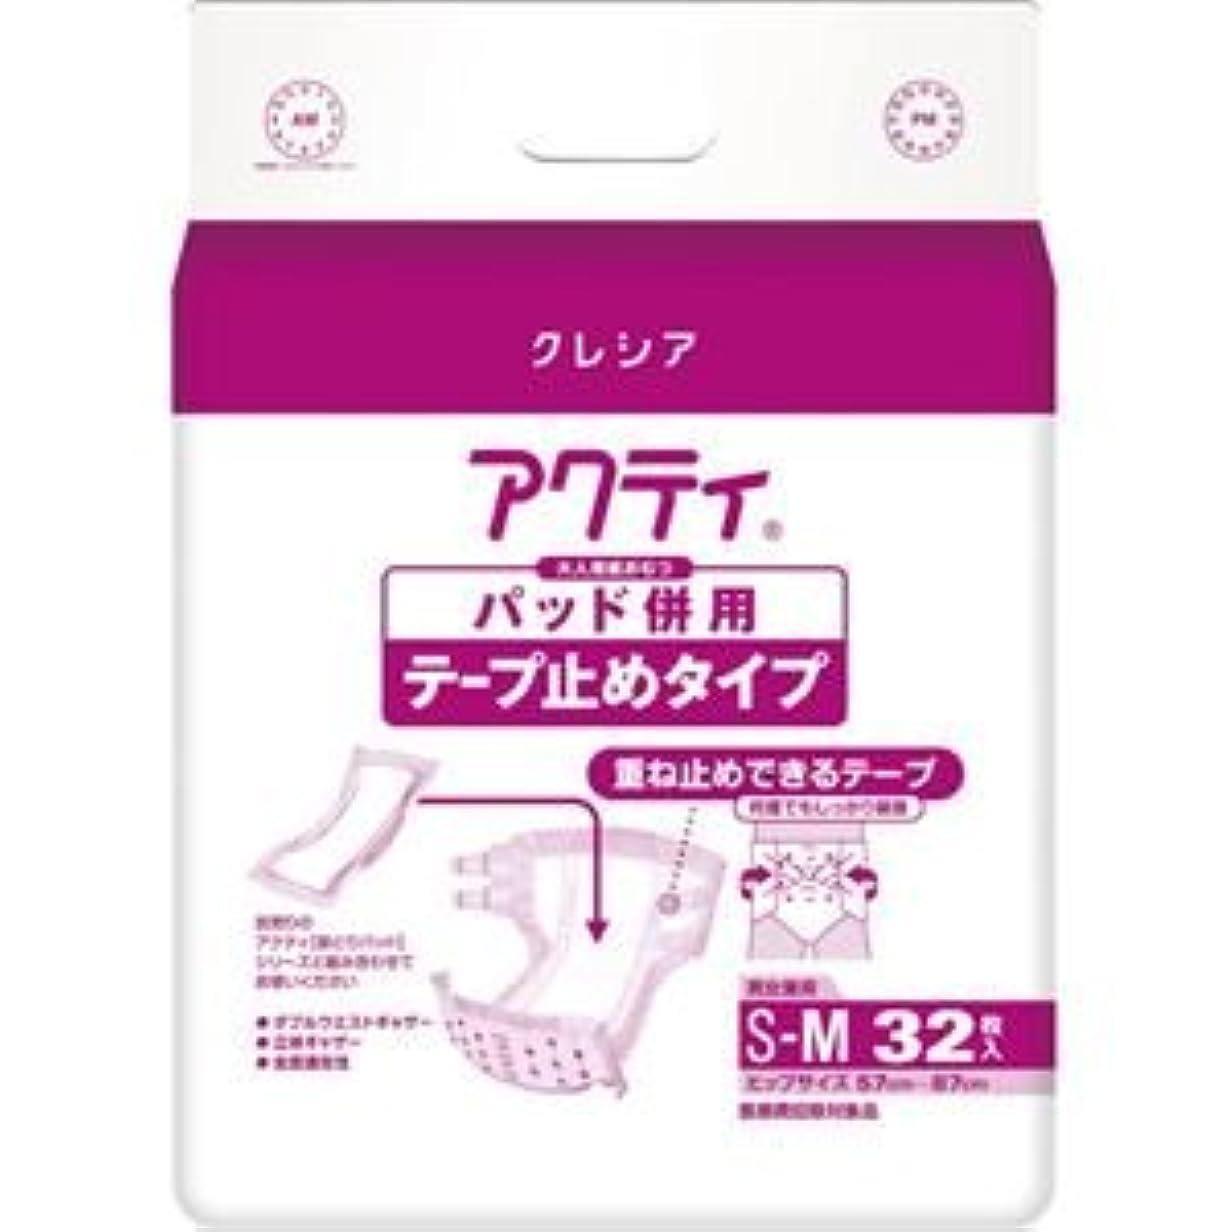 ソフトウェア引き受ける操る日本製紙クレシア アクティパッド併用テープ止め S-M32枚